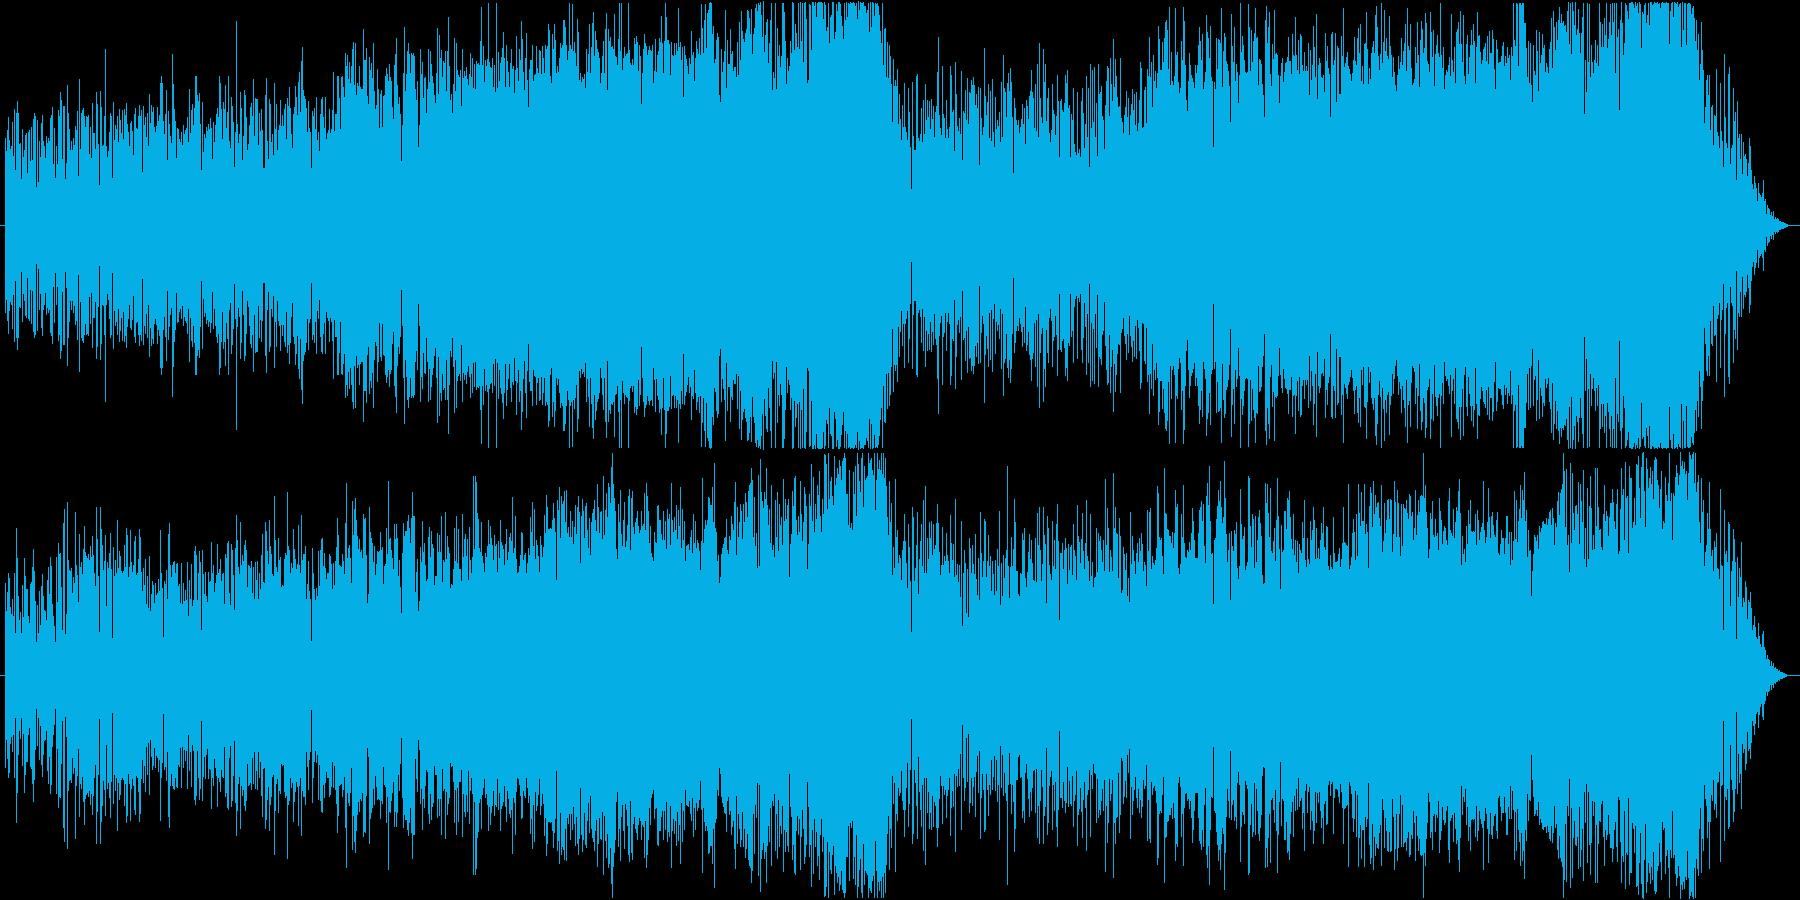 ほのぼのした木管と弦のRPG街系ループ曲の再生済みの波形